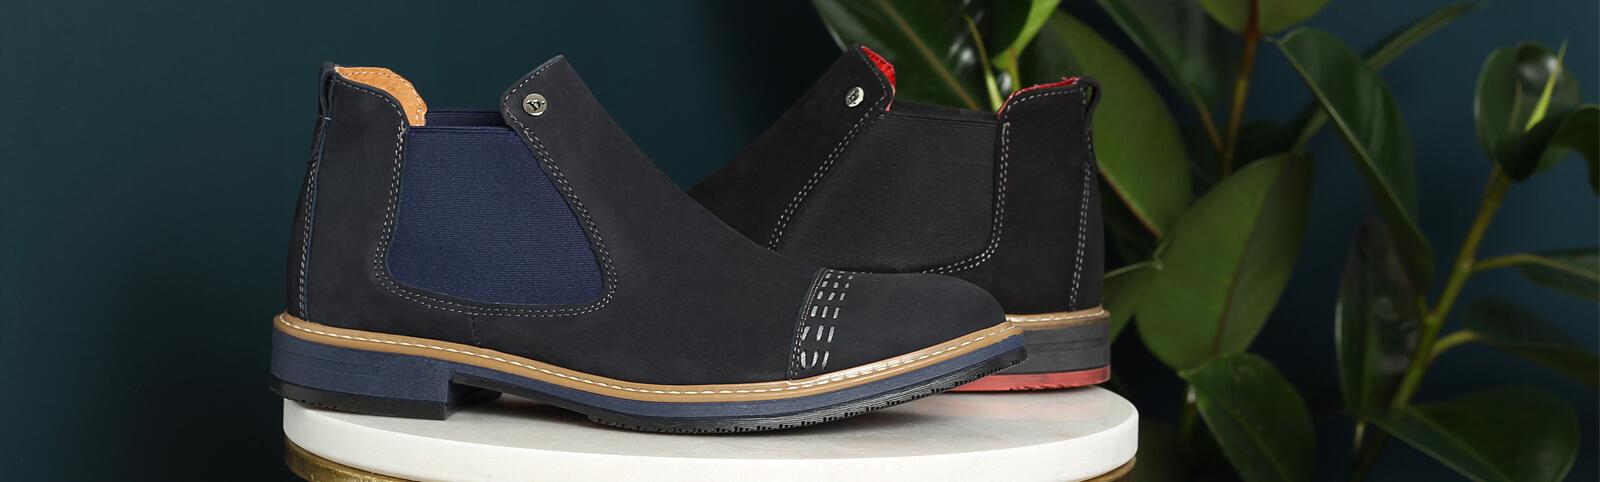 Jakie męskie trzewiki wybrać? 3 kategorie męskiego obuwia na